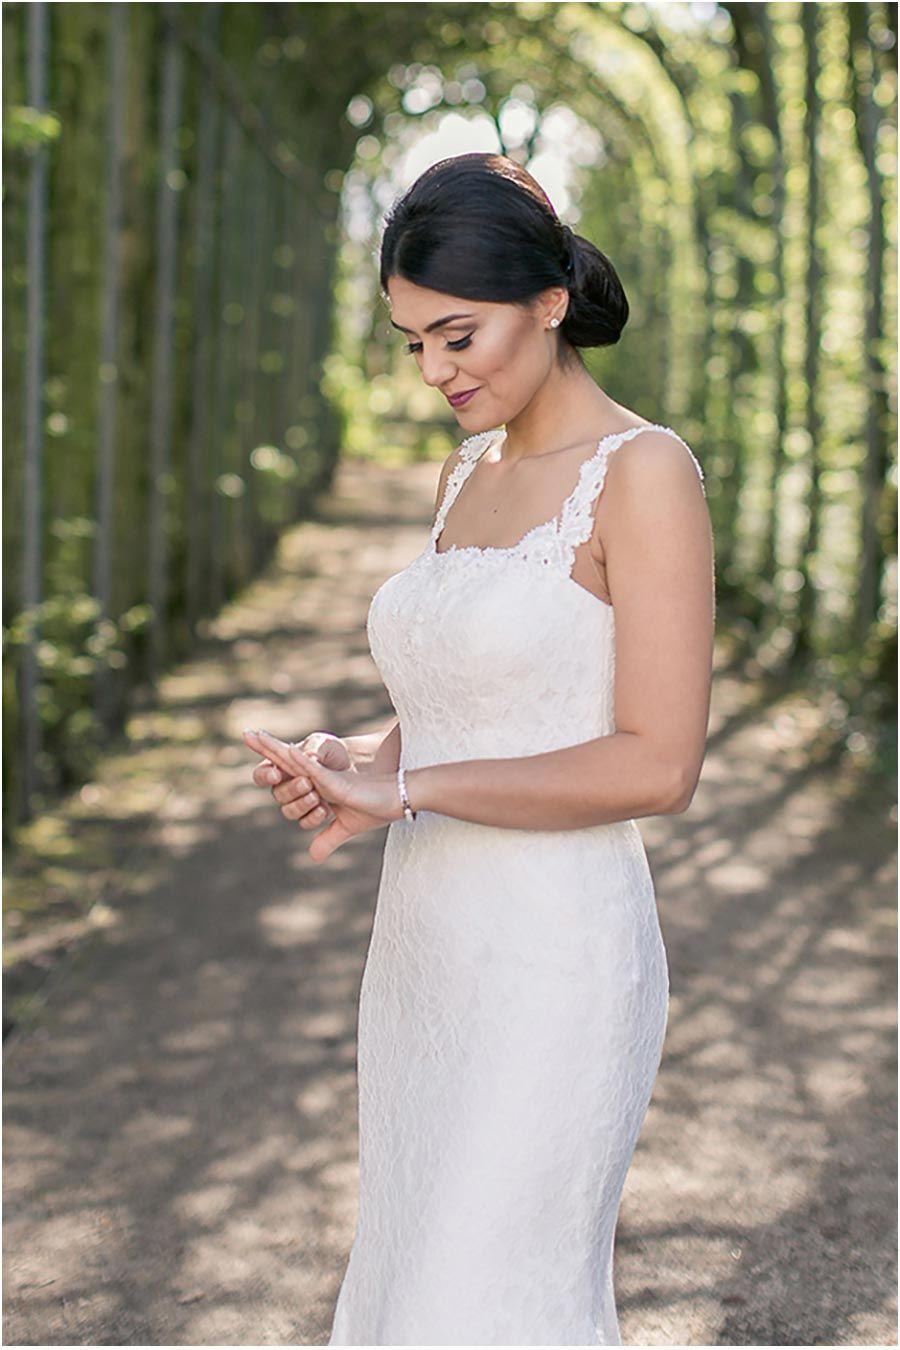 10. Hochzeitstag, Hochzeitsfeier, blauer Anzug, Ehefrau, Braut ...